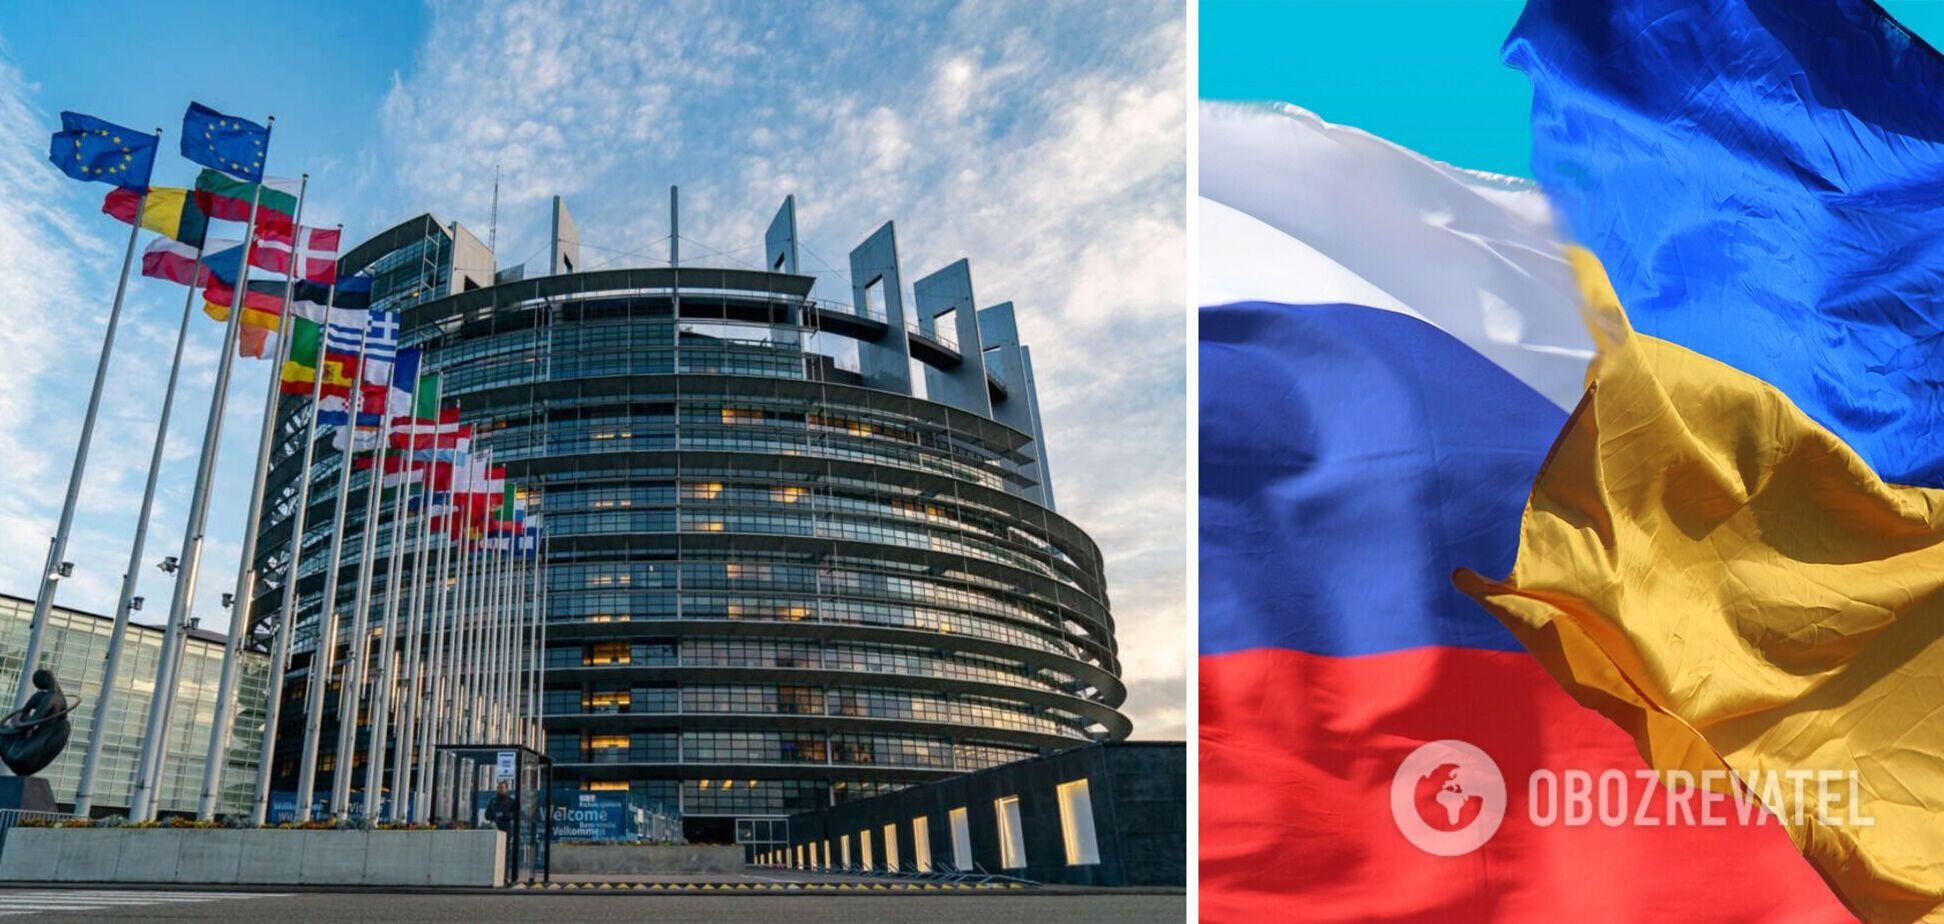 Європарламент у резолюції засудив РФ за агресію і попередив про посилення санкцій